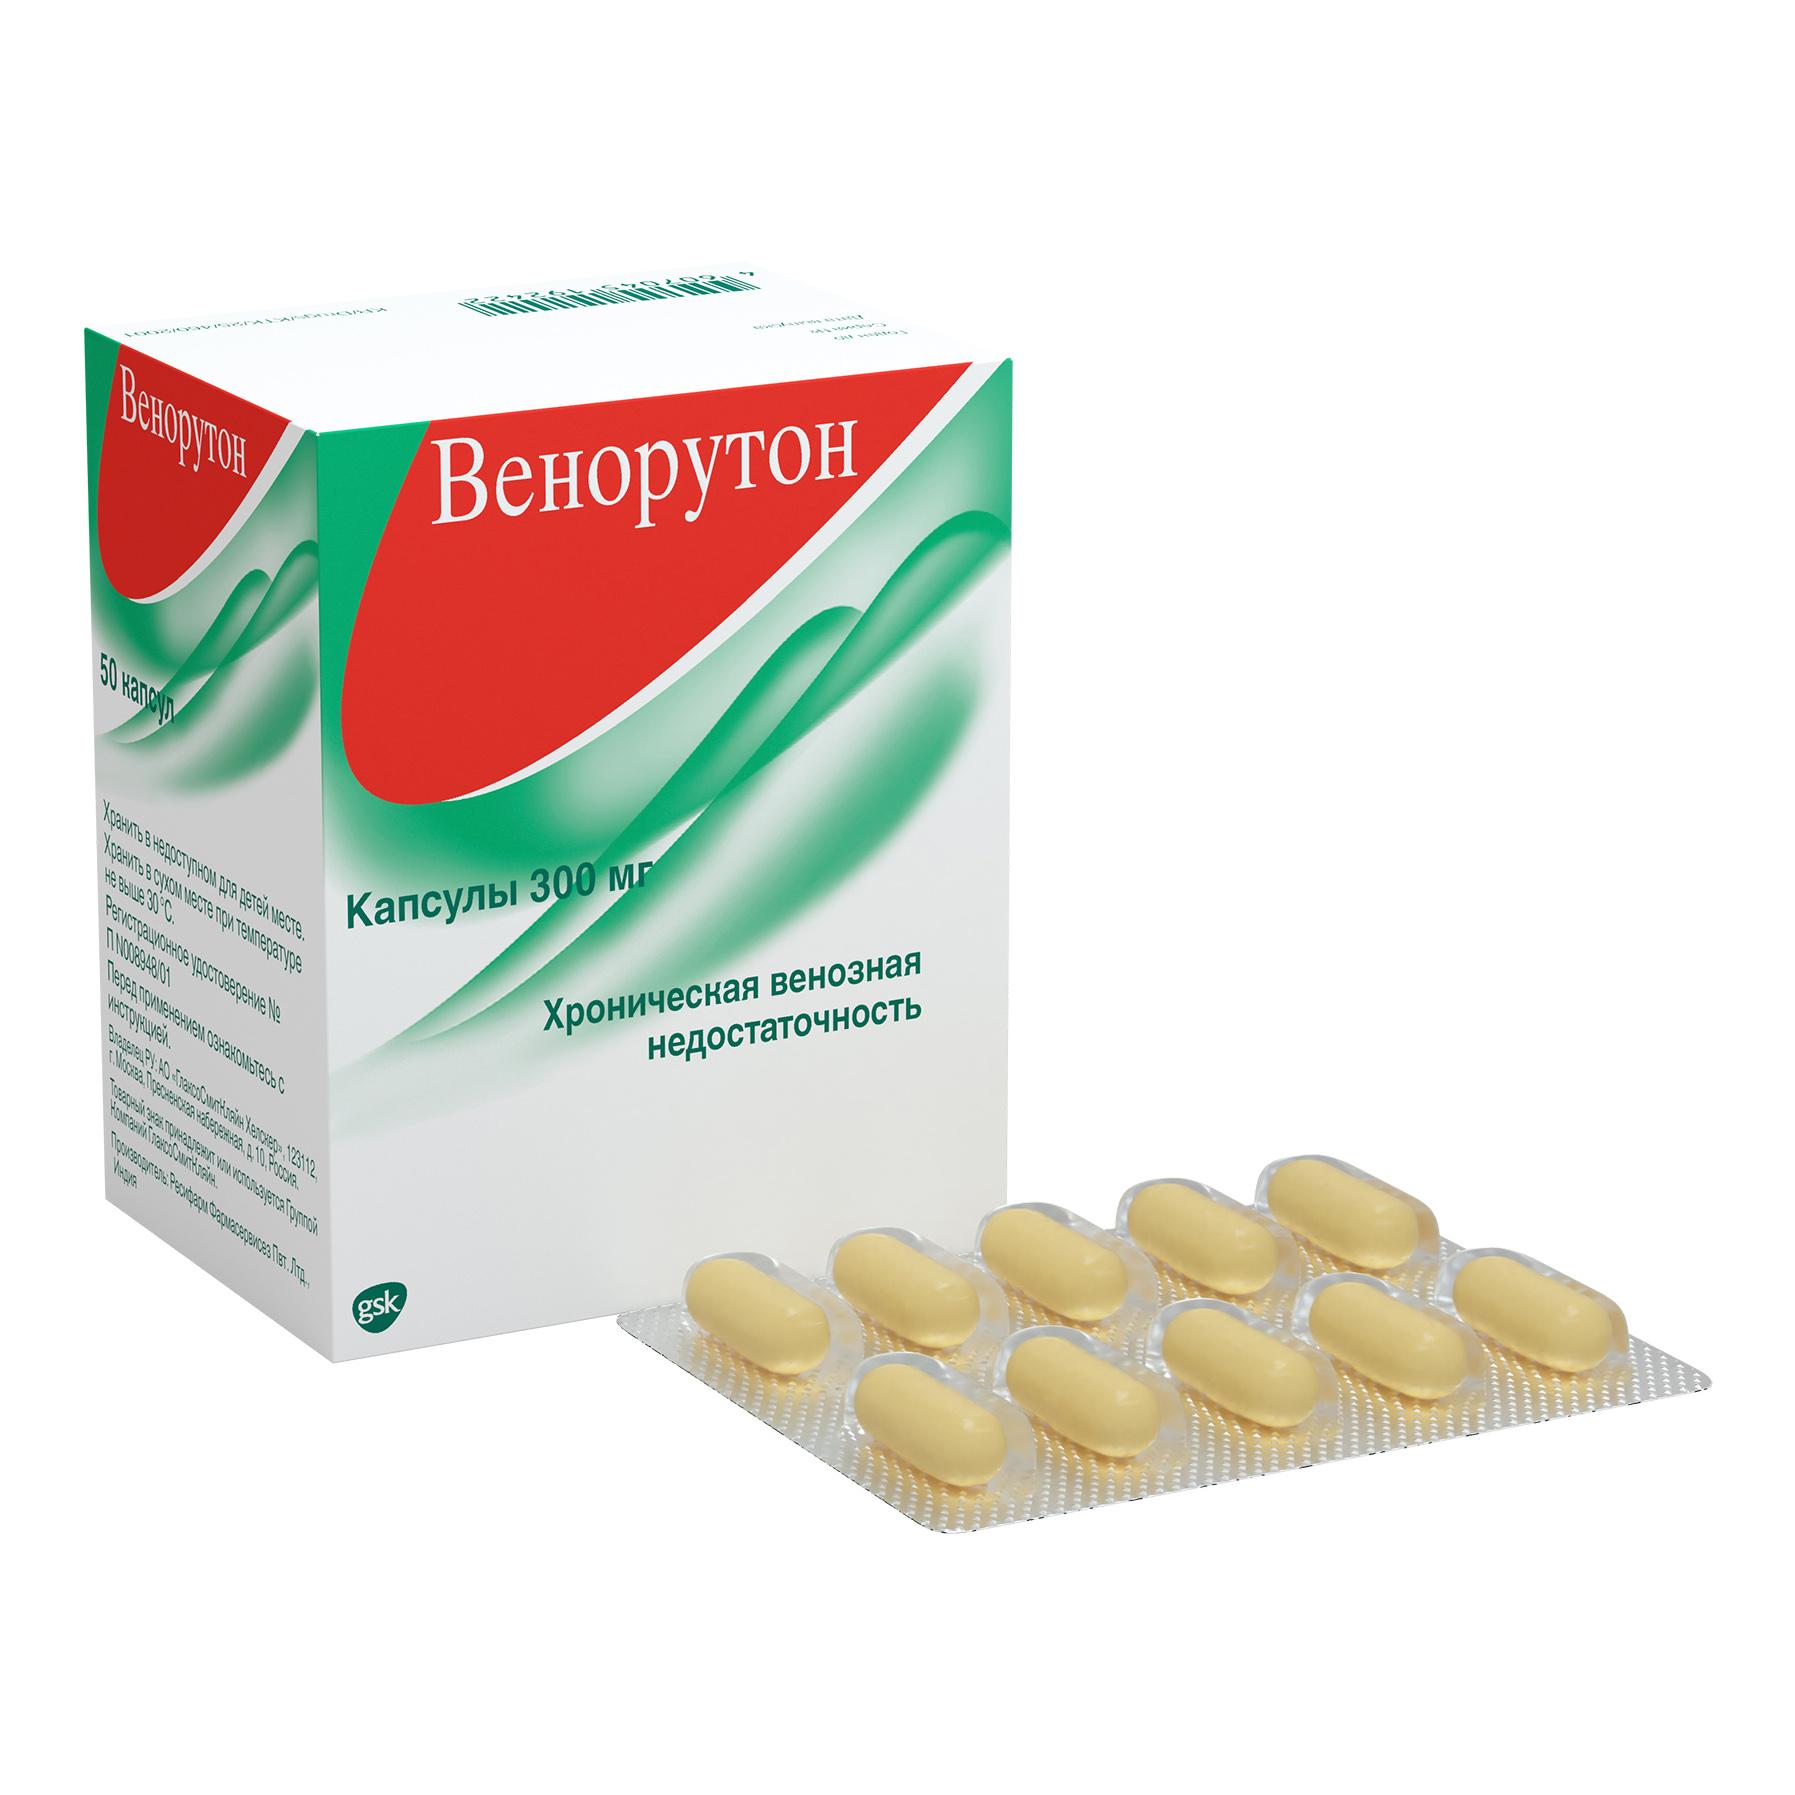 Купить Венорутон капсулы 300 мг 50 шт., Novartis Pharma